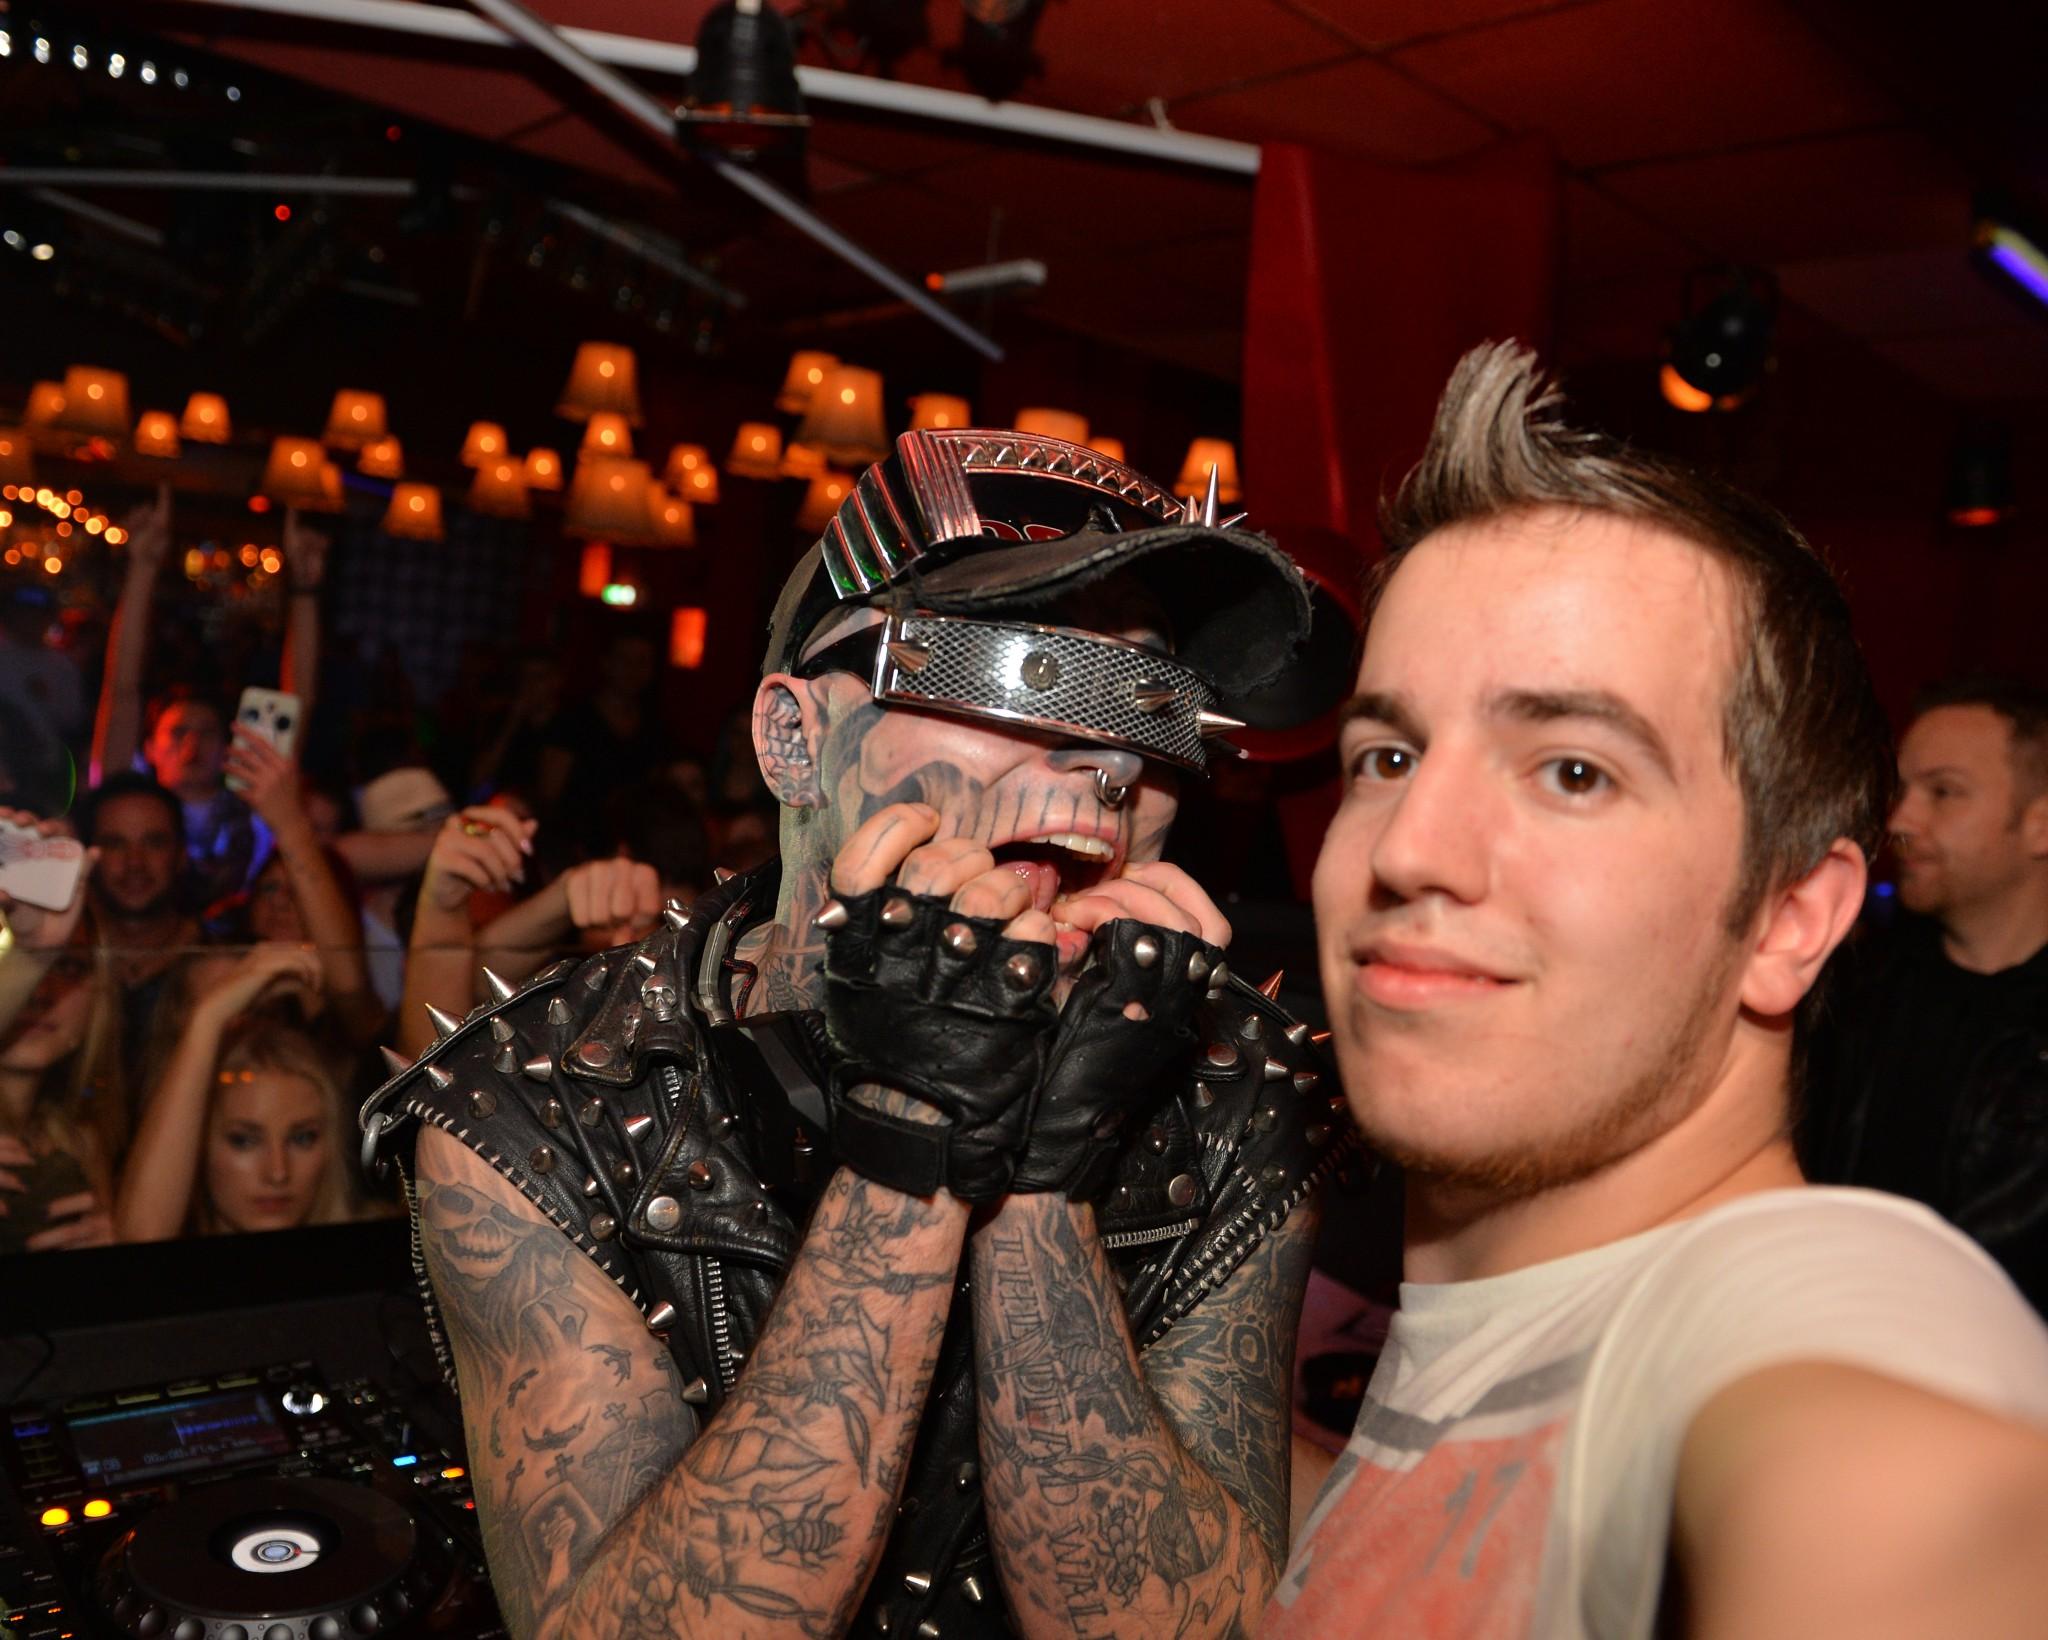 Auch der Fotograf bekam die Chanche auf ein Foto! - Zombie Boy meets Klagenfurt